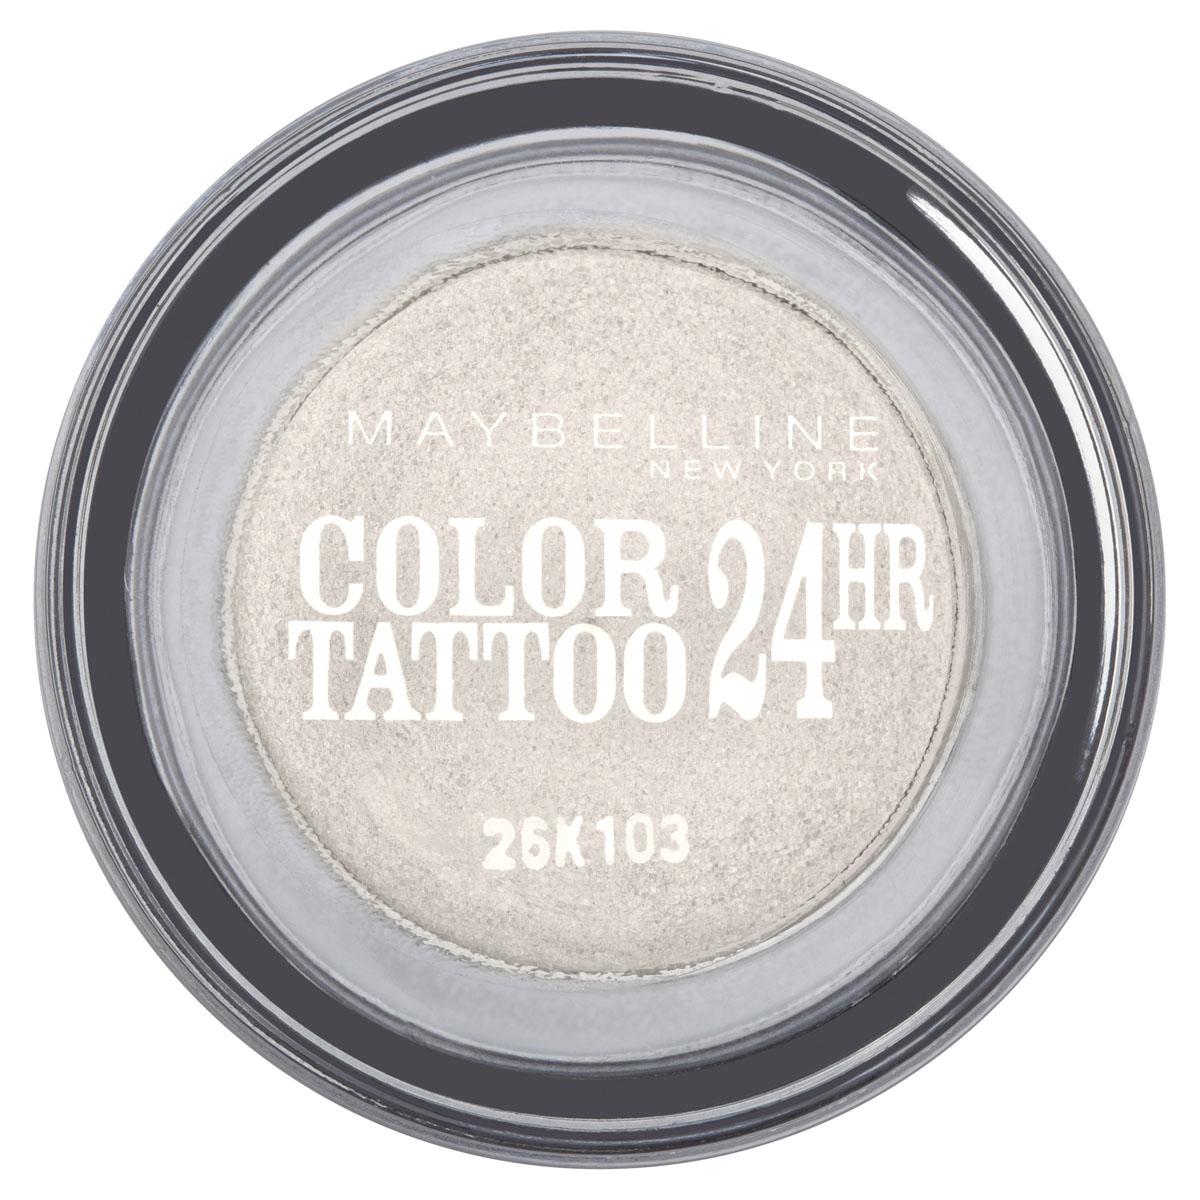 Maybelline New York Тени для век Color Tattoo 24 часа, оттенок 45, Бесконечно белый, 4 млSC-FM20104Технология тату-пигментов создает яркий, супернасыщенный цвет. Крем-гелевая текстура обеспечивает ультралегкое нанесение и стойкость на 24 часа.12 оттенков